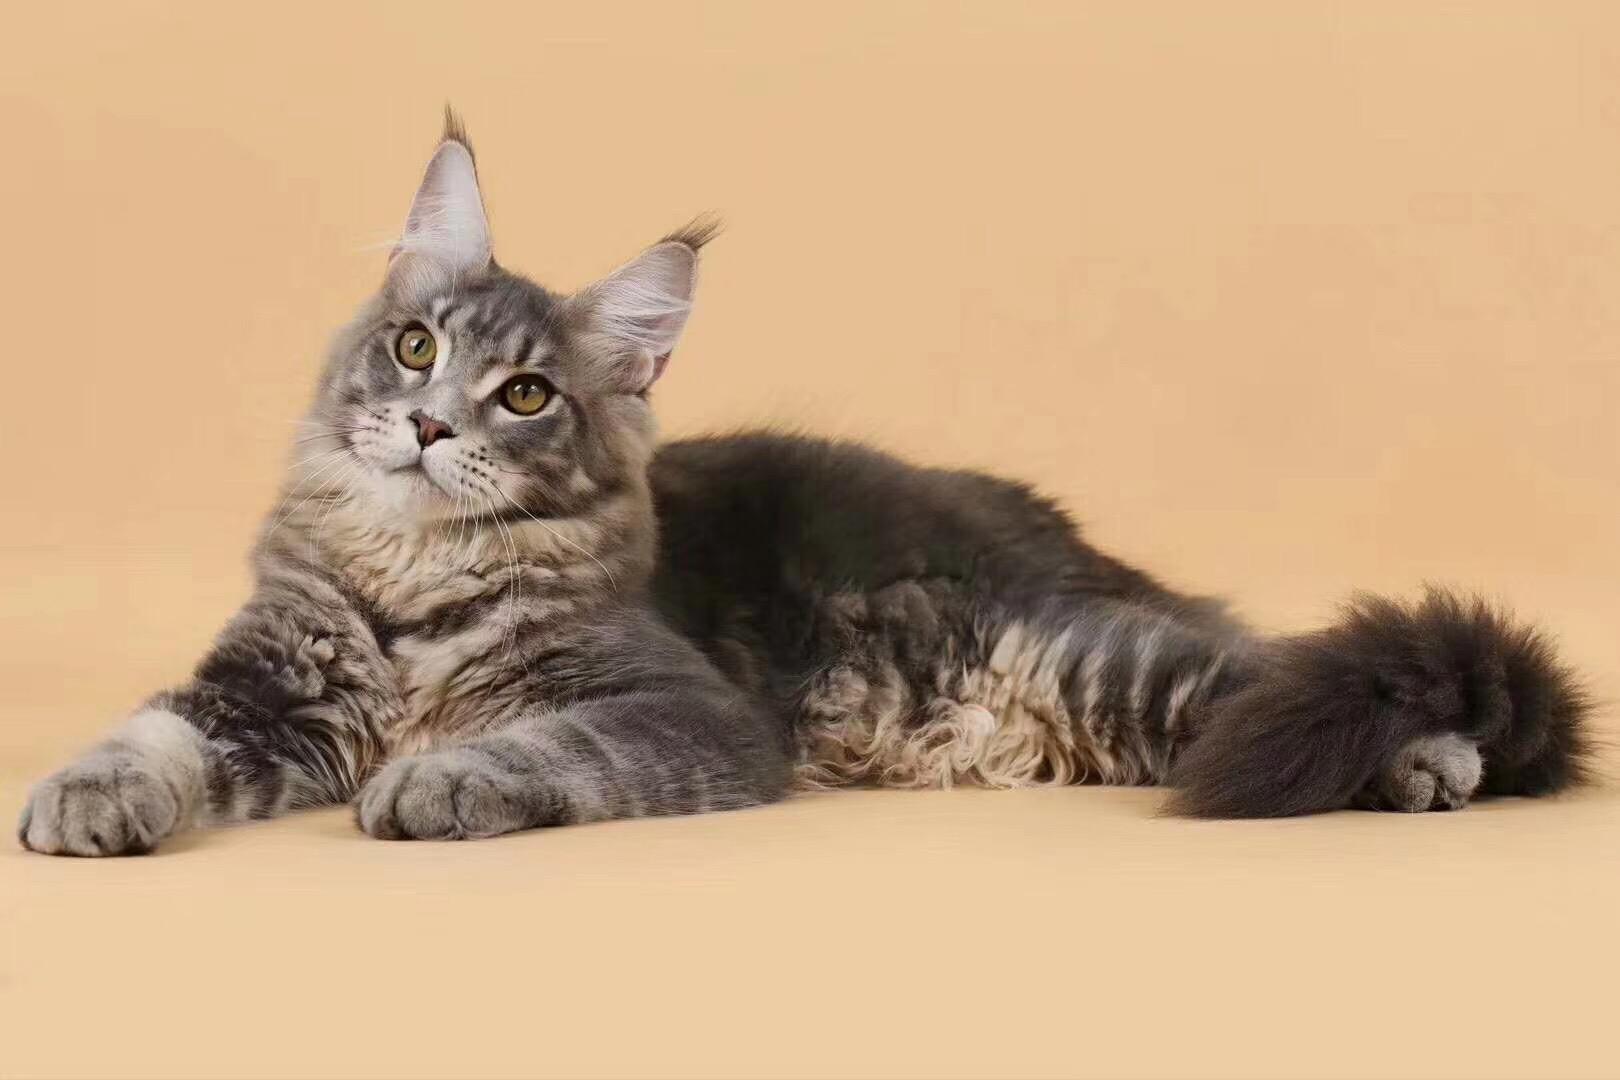 正规猫舍出售抖音网红猫咪 正规商家 签订协议 包退换